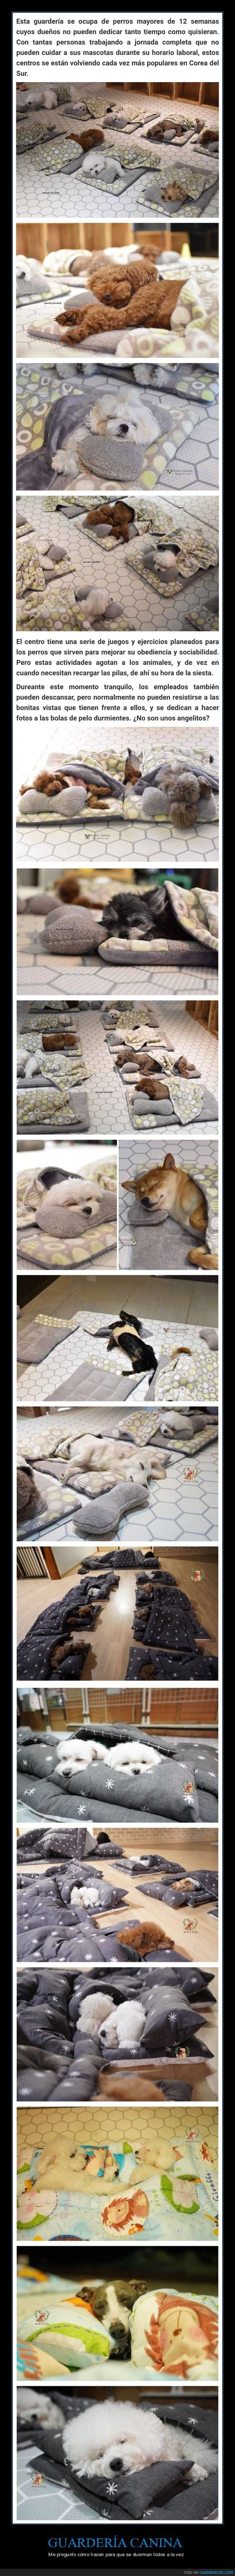 cachorros,durmiendo,guardería canina,perros